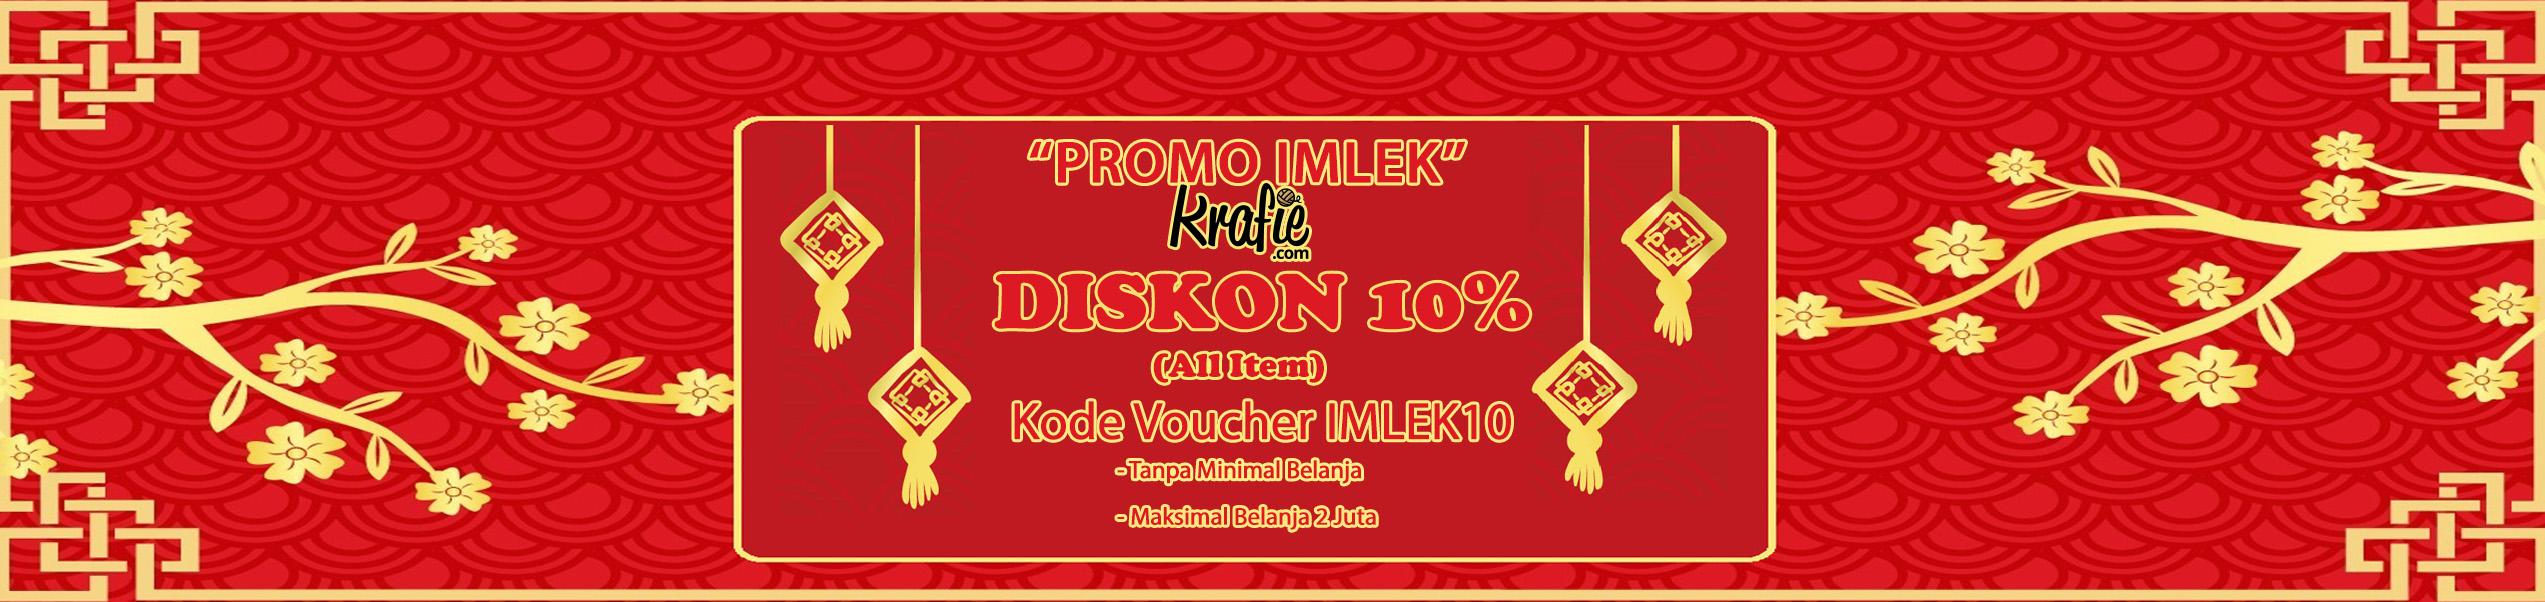 Imlek banner copy